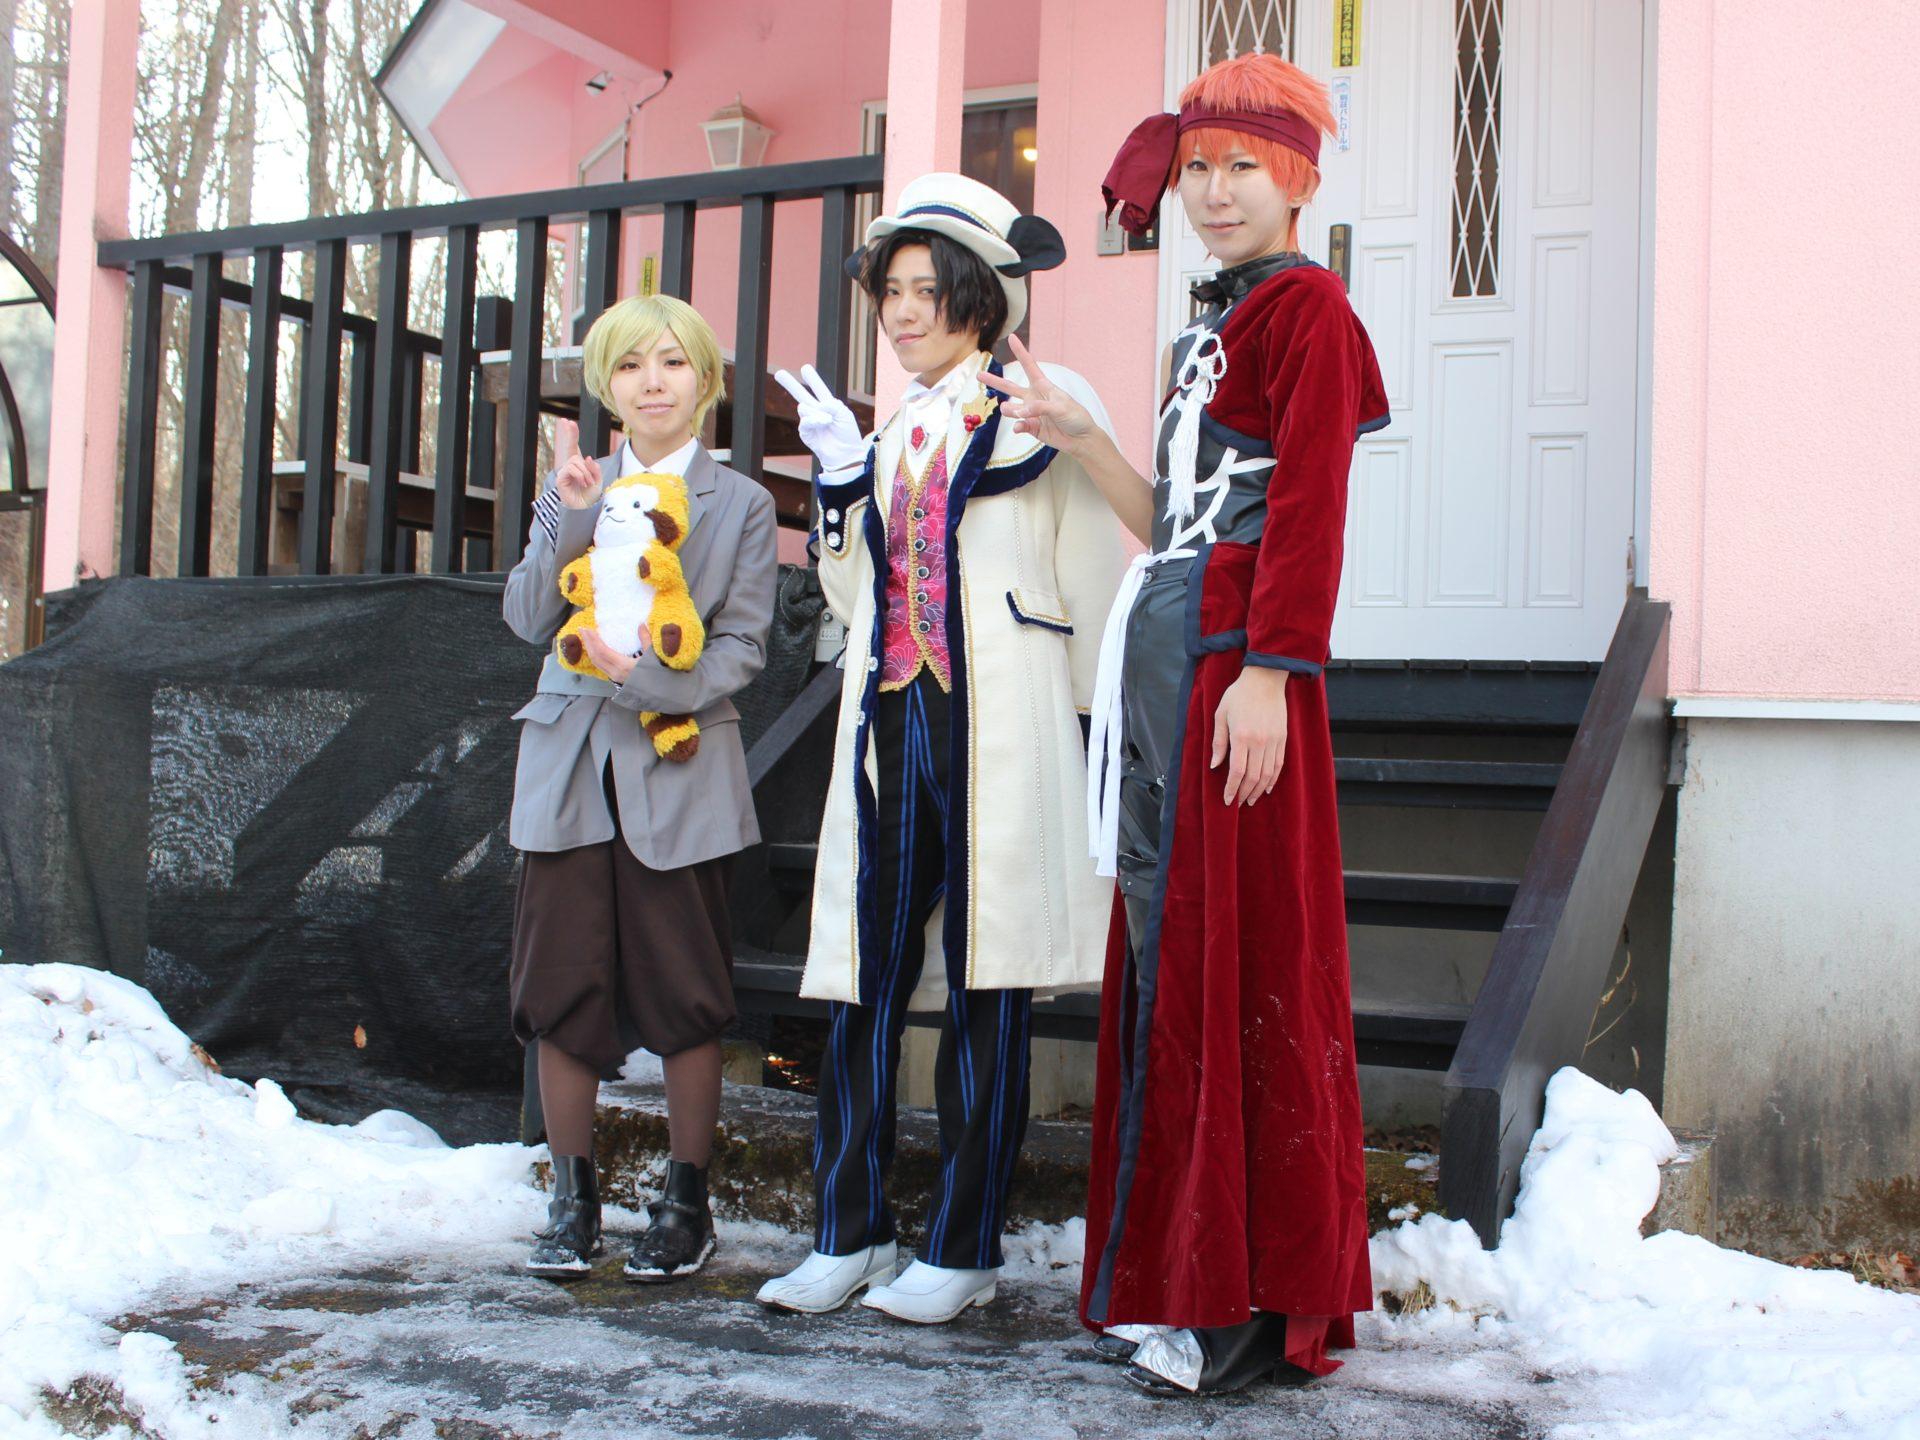 雪ロケ2020年コテージでFate+ラスカル+刀剣乱舞